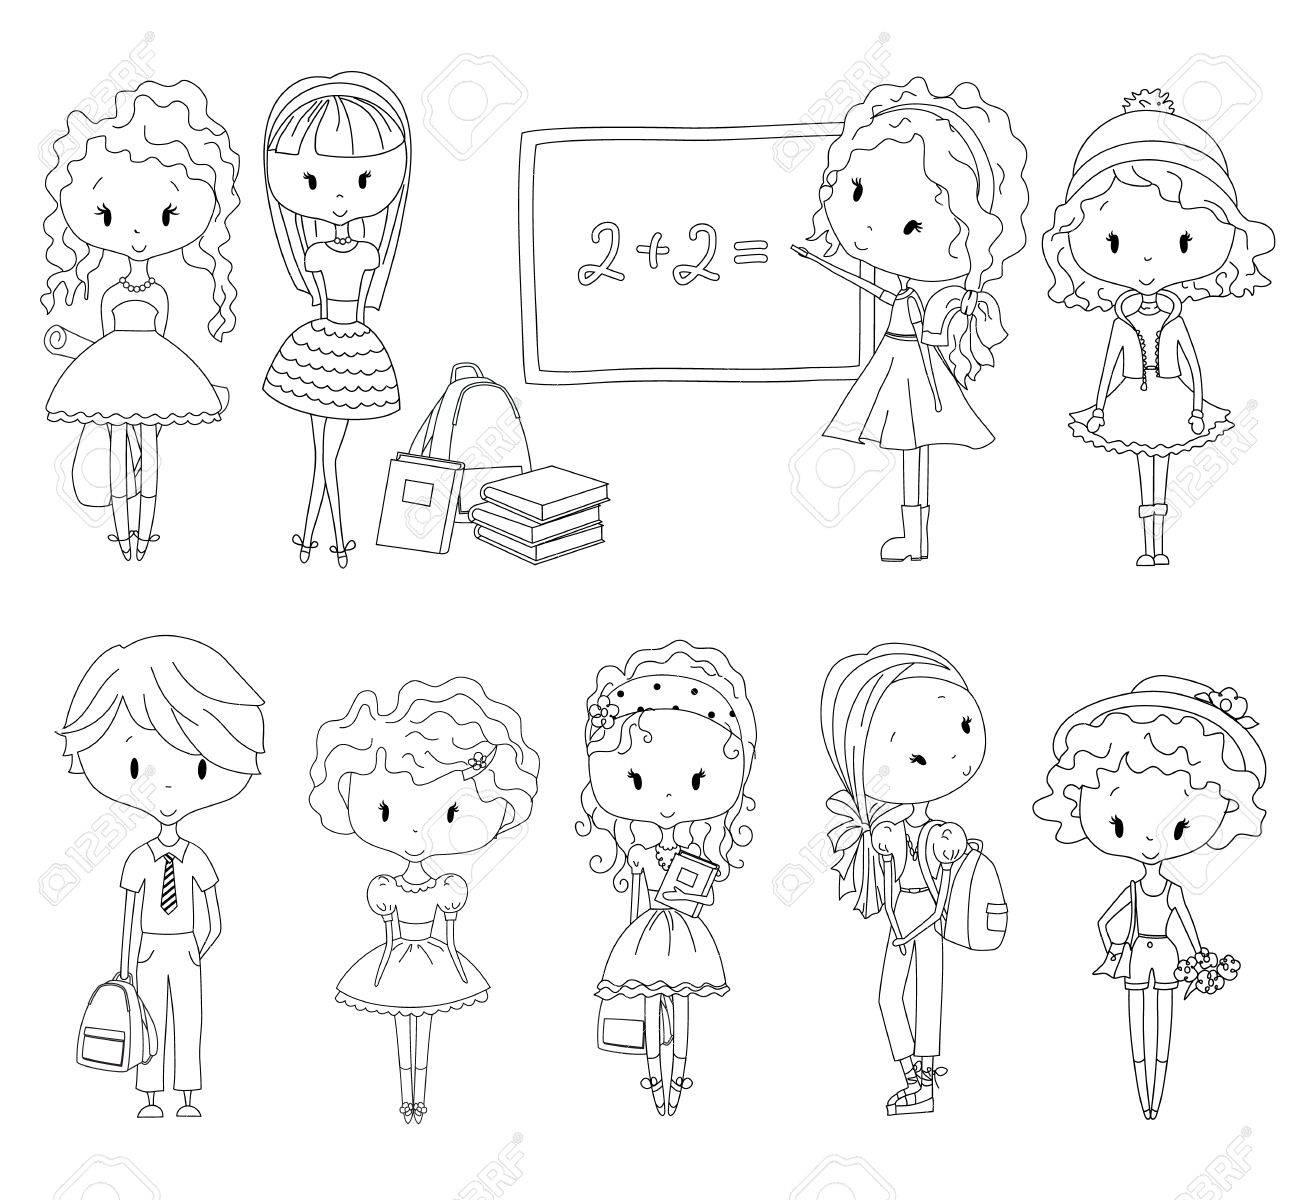 ぬりえ本瞳孔大人のぬりえの学校の子供たち女の子と男の子女子高生